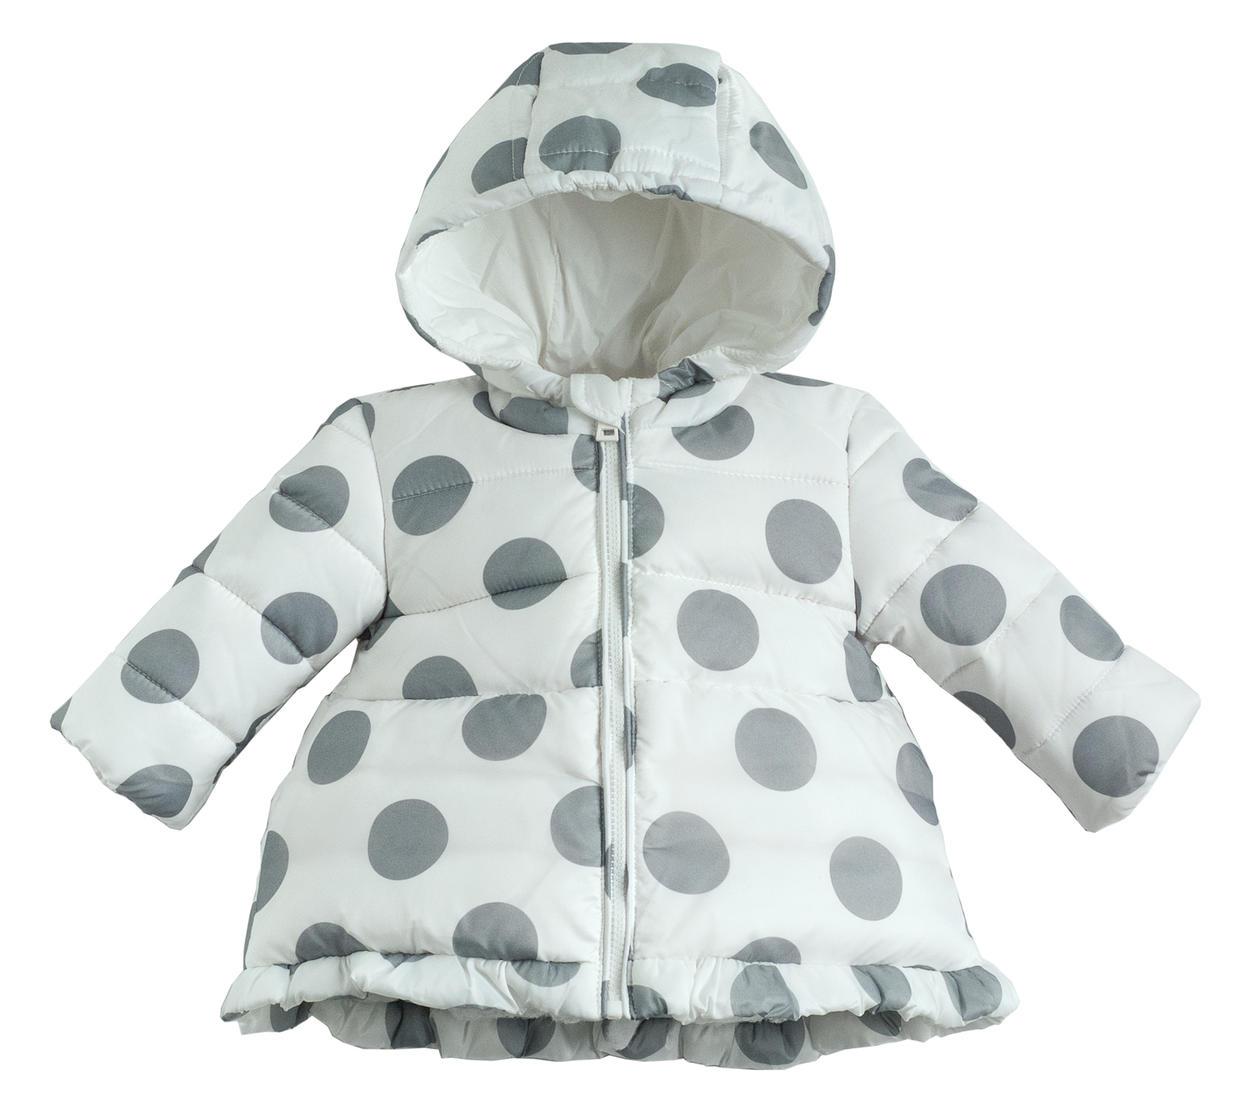 online store 02a14 e8f78 Piumino invernale stampato a pois per neonata da 0 a 24 mesi Minibanda